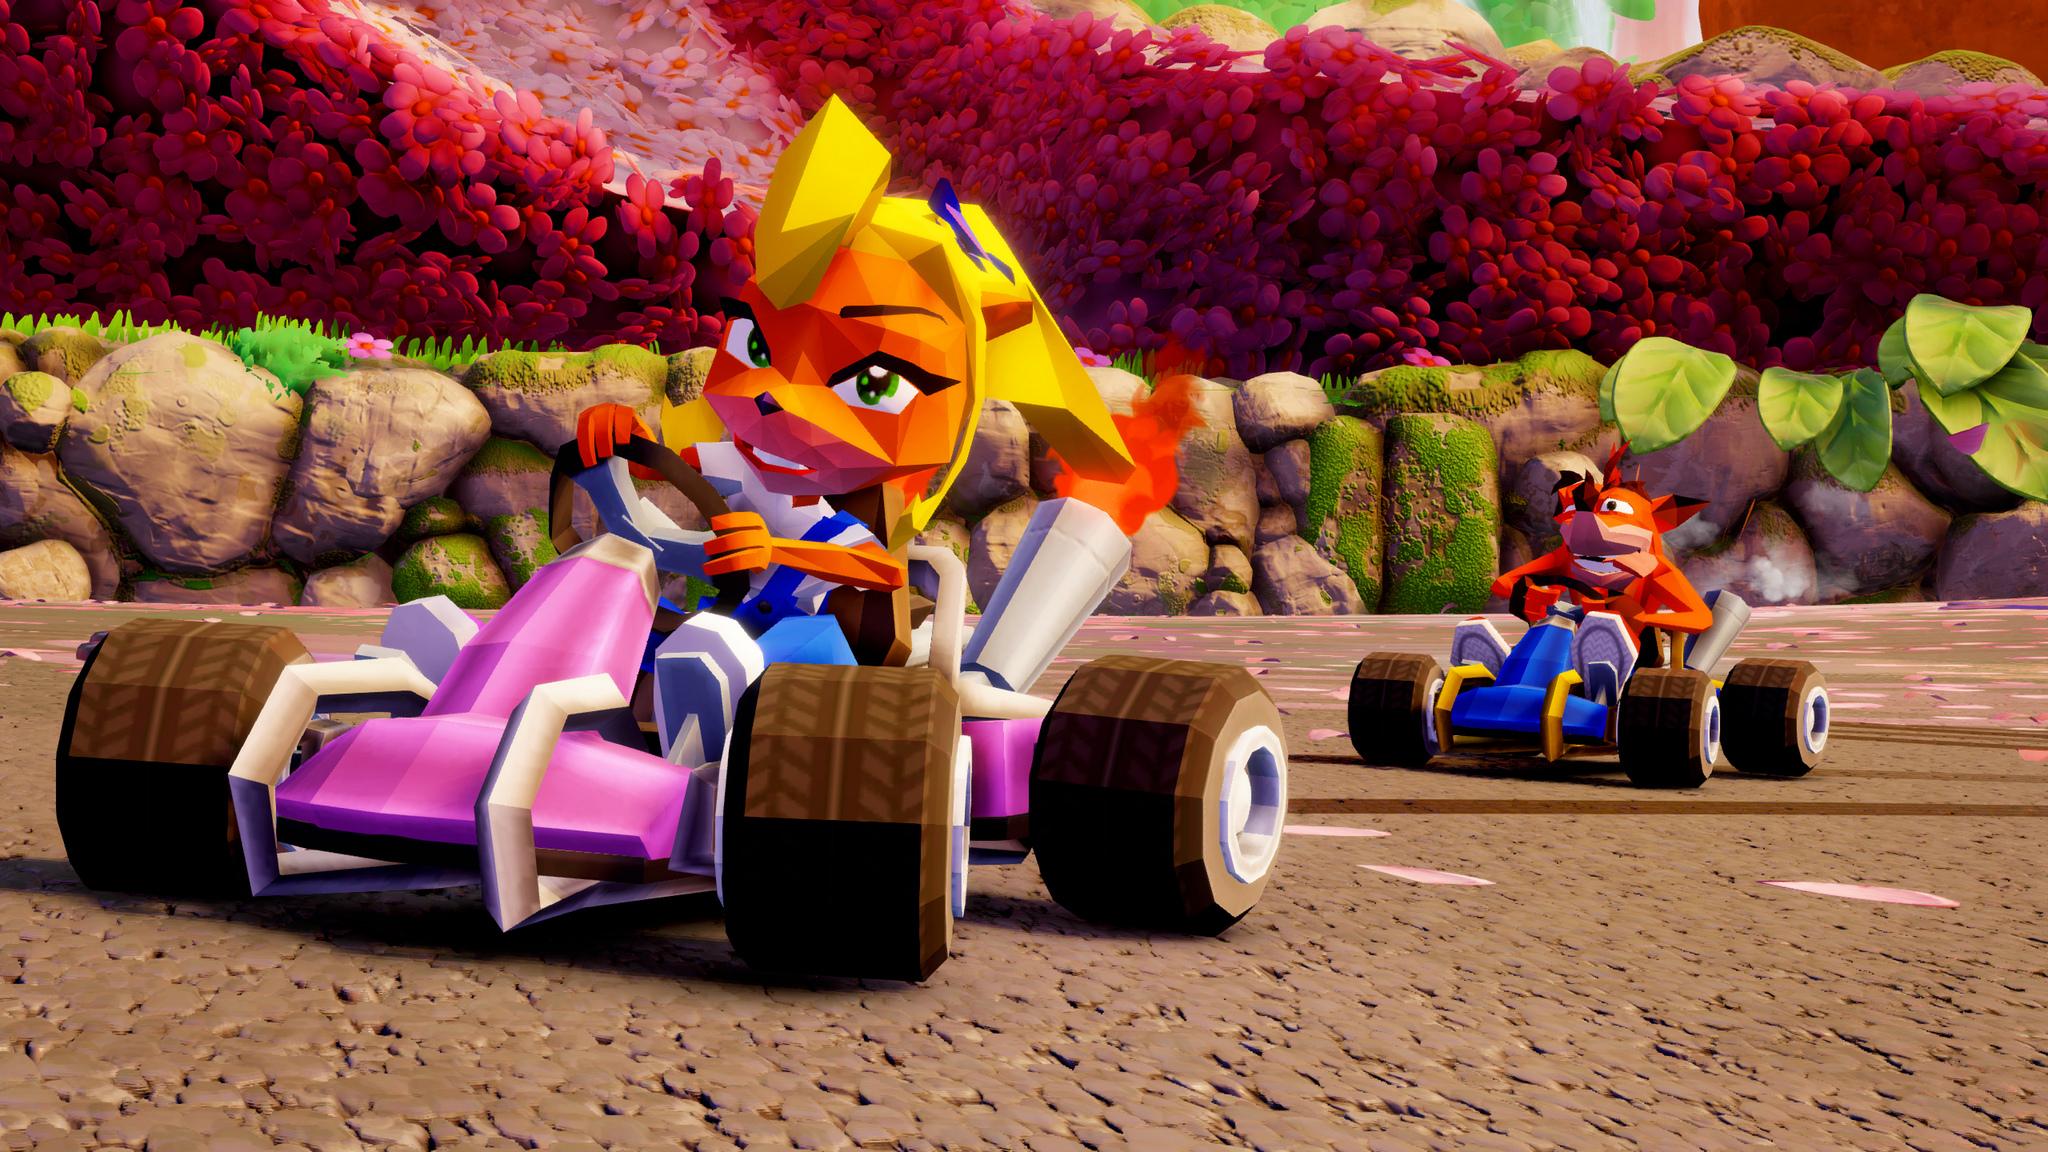 PS4版《古惑狼赛车重制版》独占木头块风格角色赛车及赛道